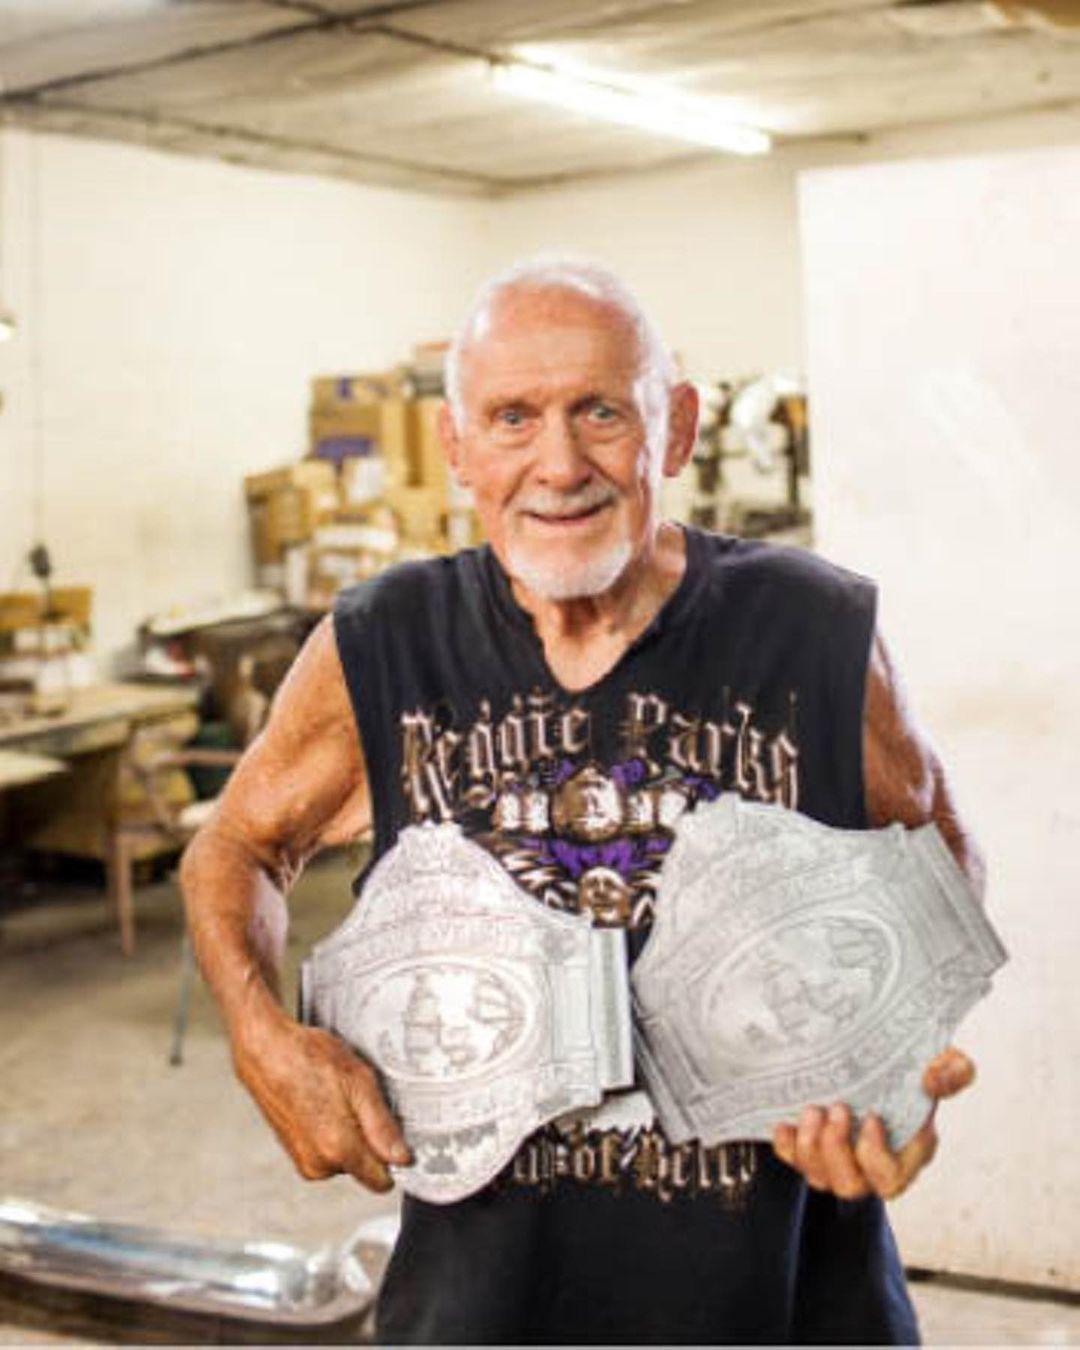 Reggie Parks Legendary WWF Belt Maker